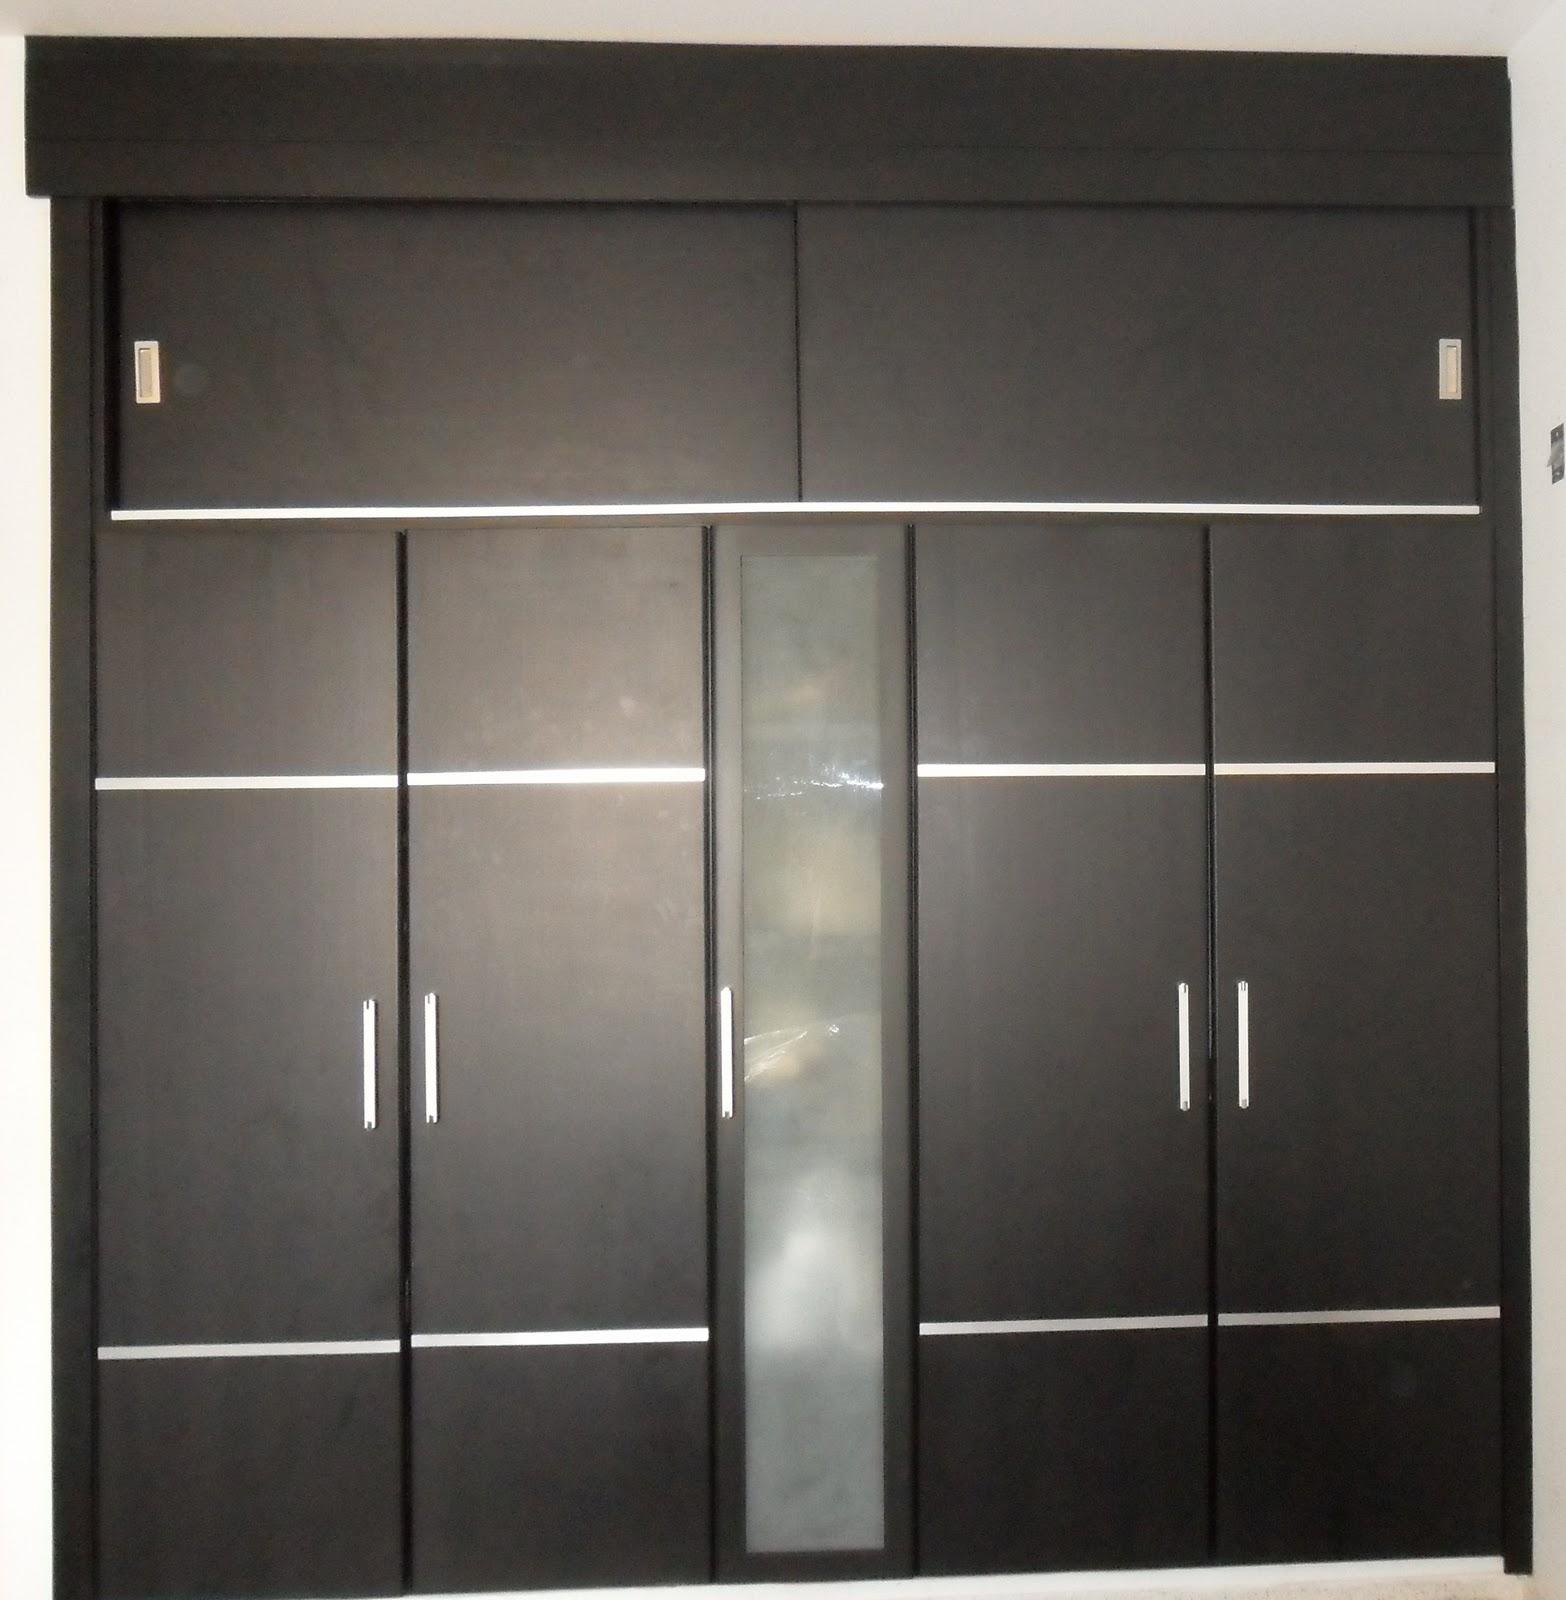 Mg integrales closet y terminados for Modelos de zapateras en closet